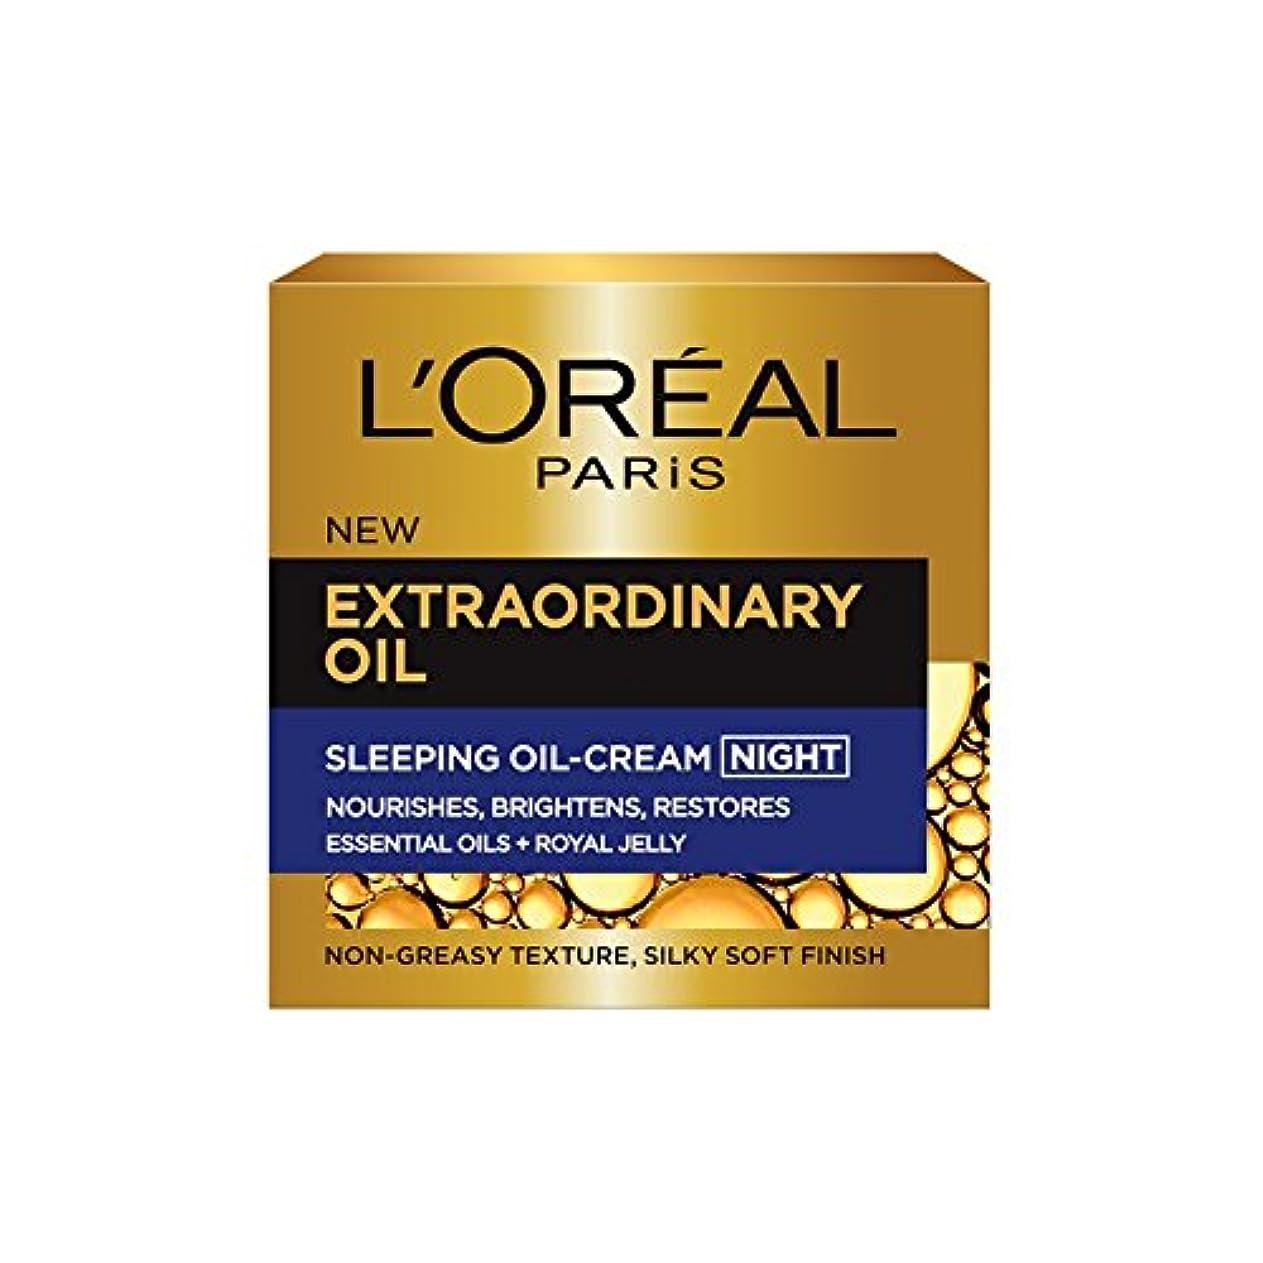 大量エミュレーショントランスペアレントロレアルパリ臨時油眠っオイルナイトクリーム(50ミリリットル) x4 - L'Or?al Paris Extraordinary Oil Sleeping Oil Night Cream (50ml) (Pack of 4) [並行輸入品]